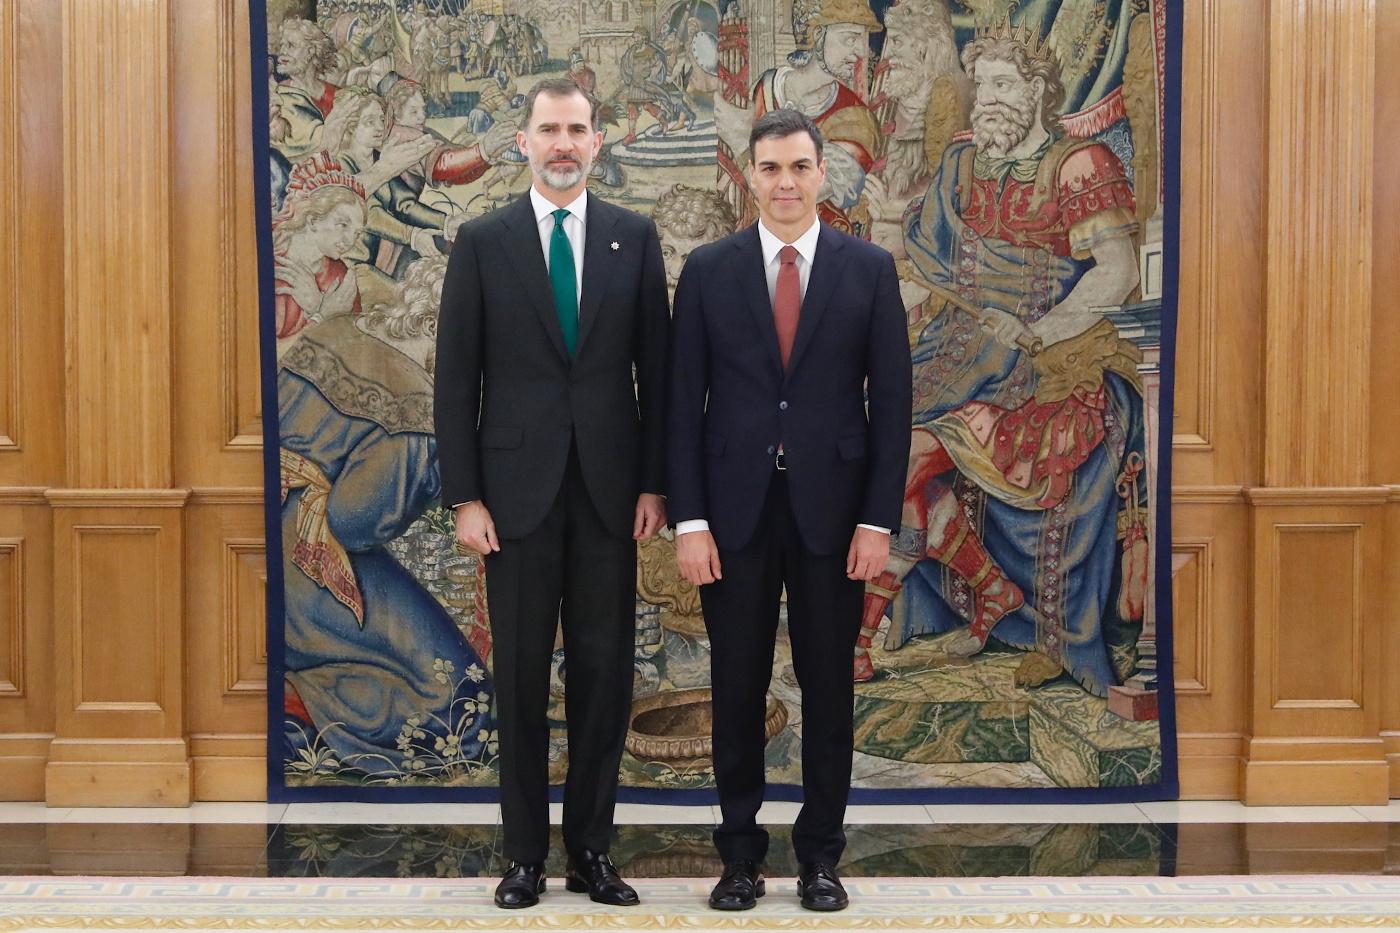 dialogue rencontre entre deux personnes espagnol